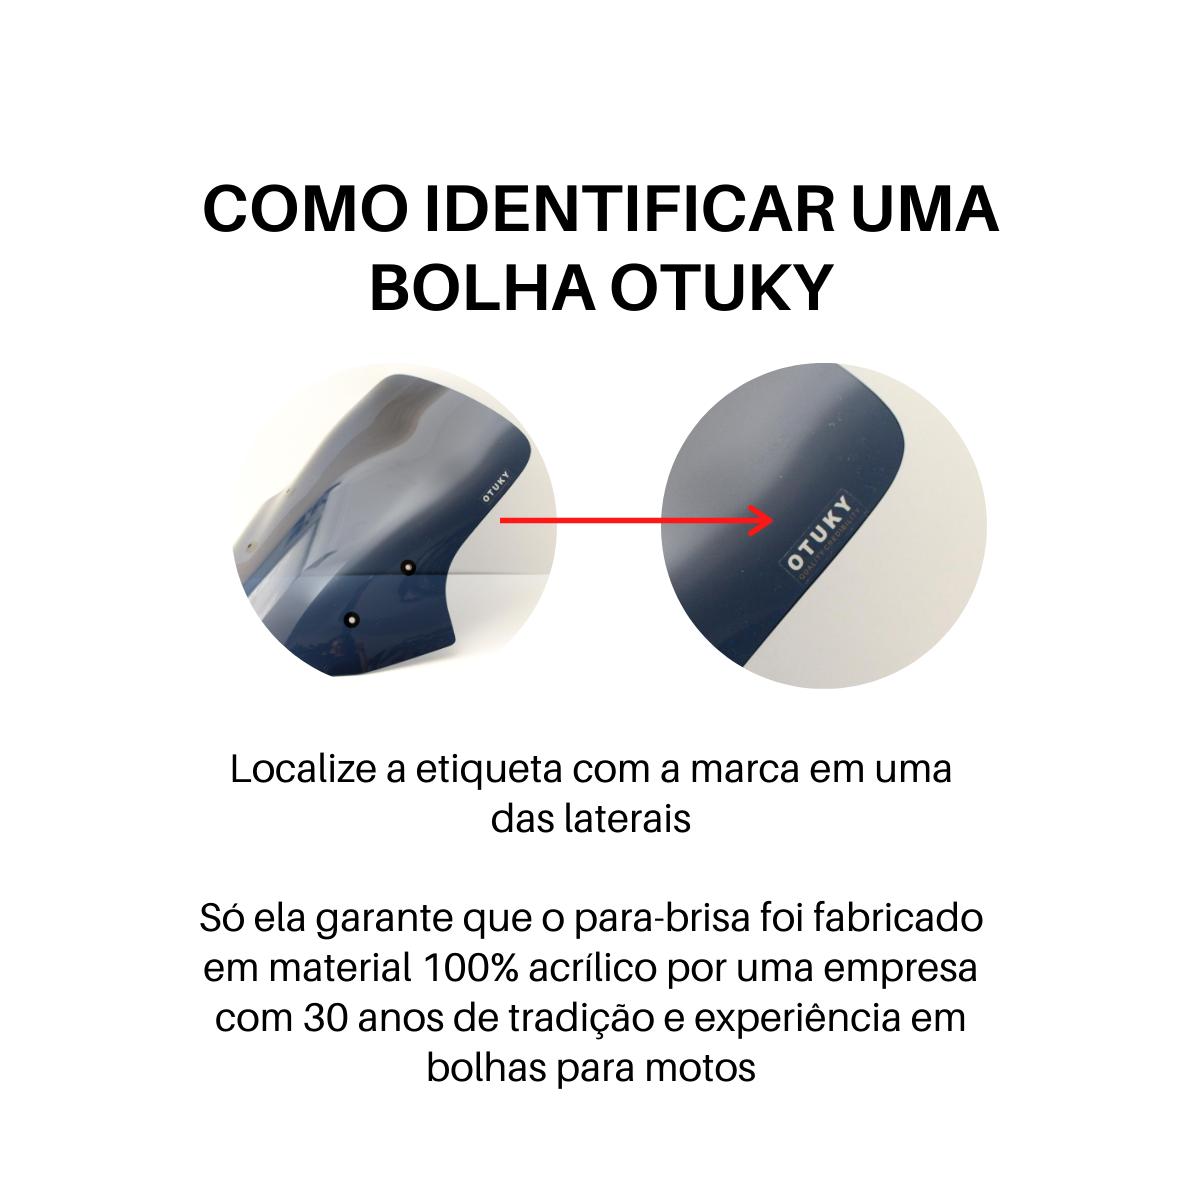 Bolha para Moto XT 660 R 2005 2006 2007 2008 2009 2010 2011 2012 2013 2014 2015 2016 2017 2018 Padrão Laranja